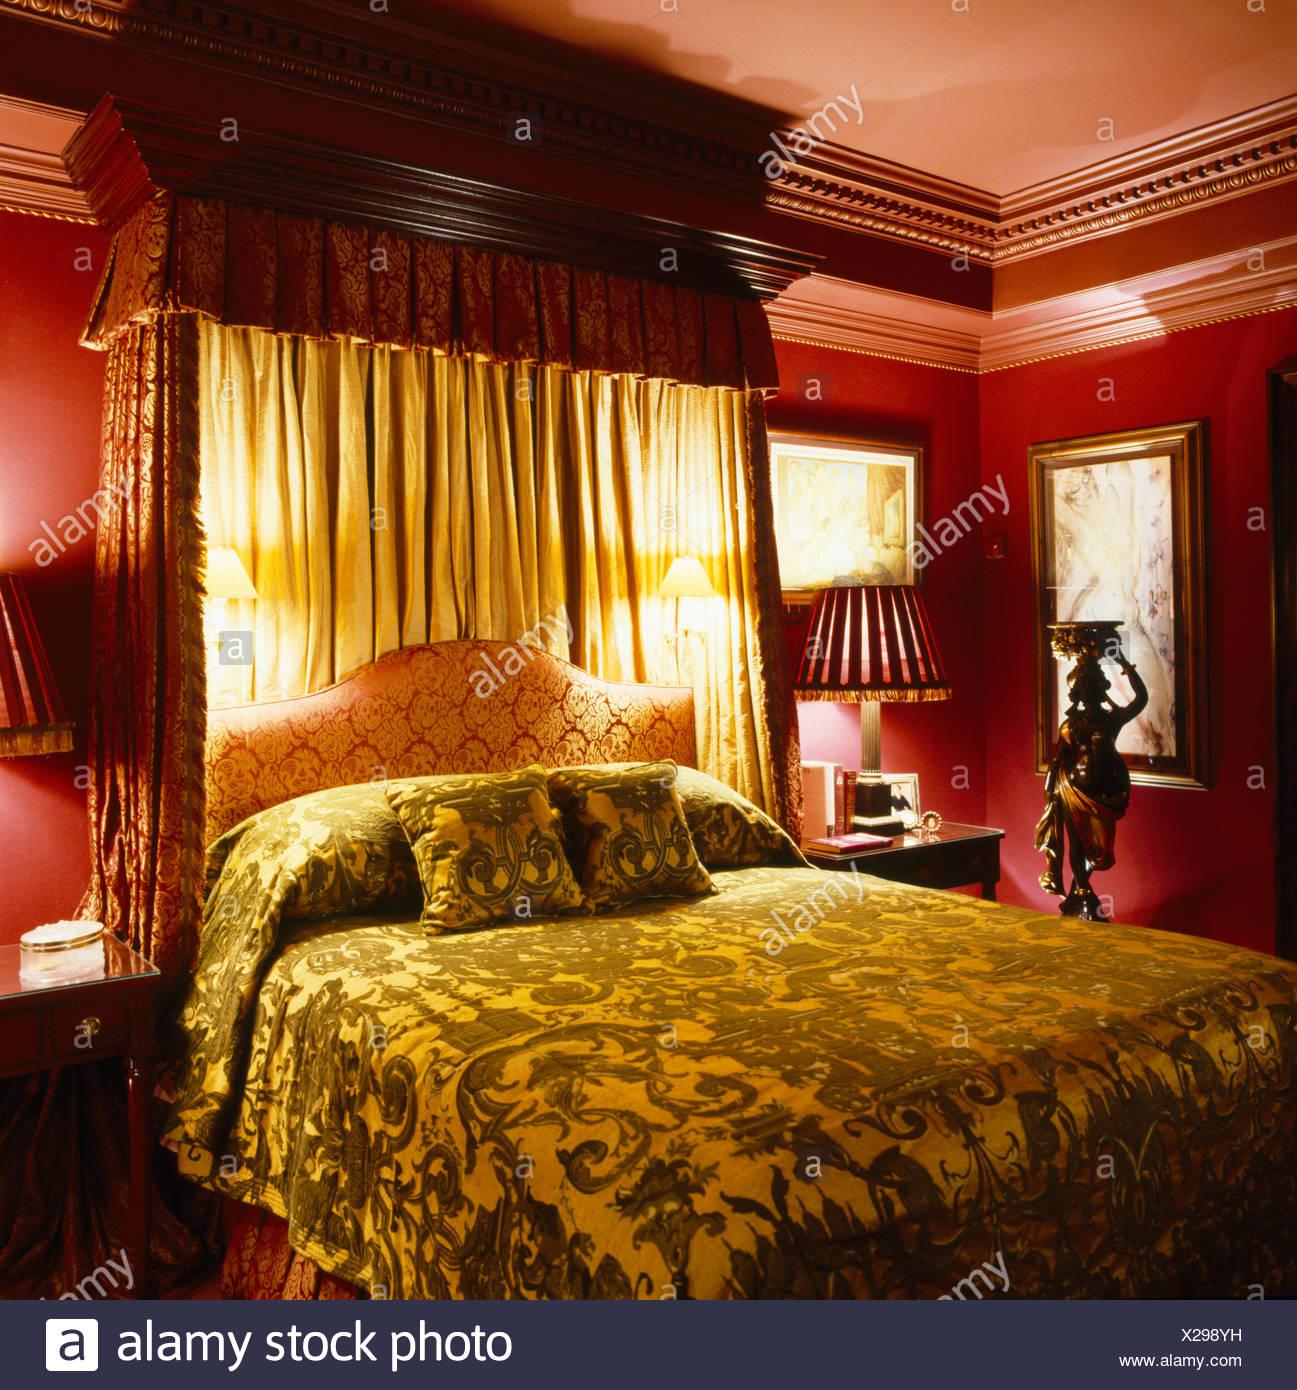 https www alamyimages fr couvre lit a dais de velours sur lit avec rideaux creme et appliques en chambre rouge fonce image276799813 html